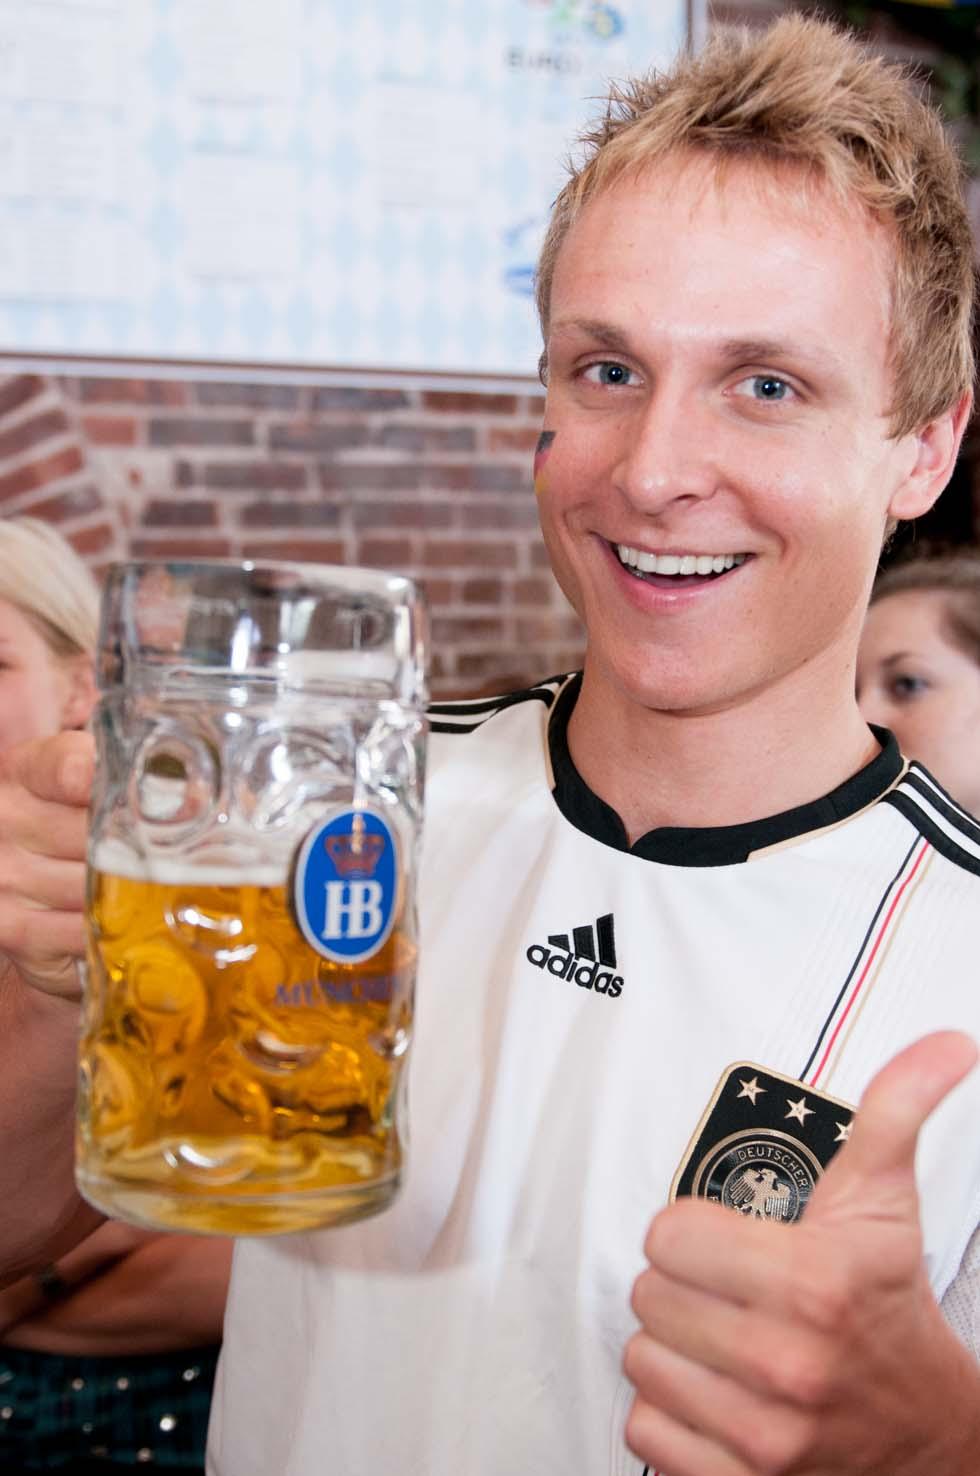 zum-schneider-nyc-2012-eurocup-germany-denmark-1011.jpg